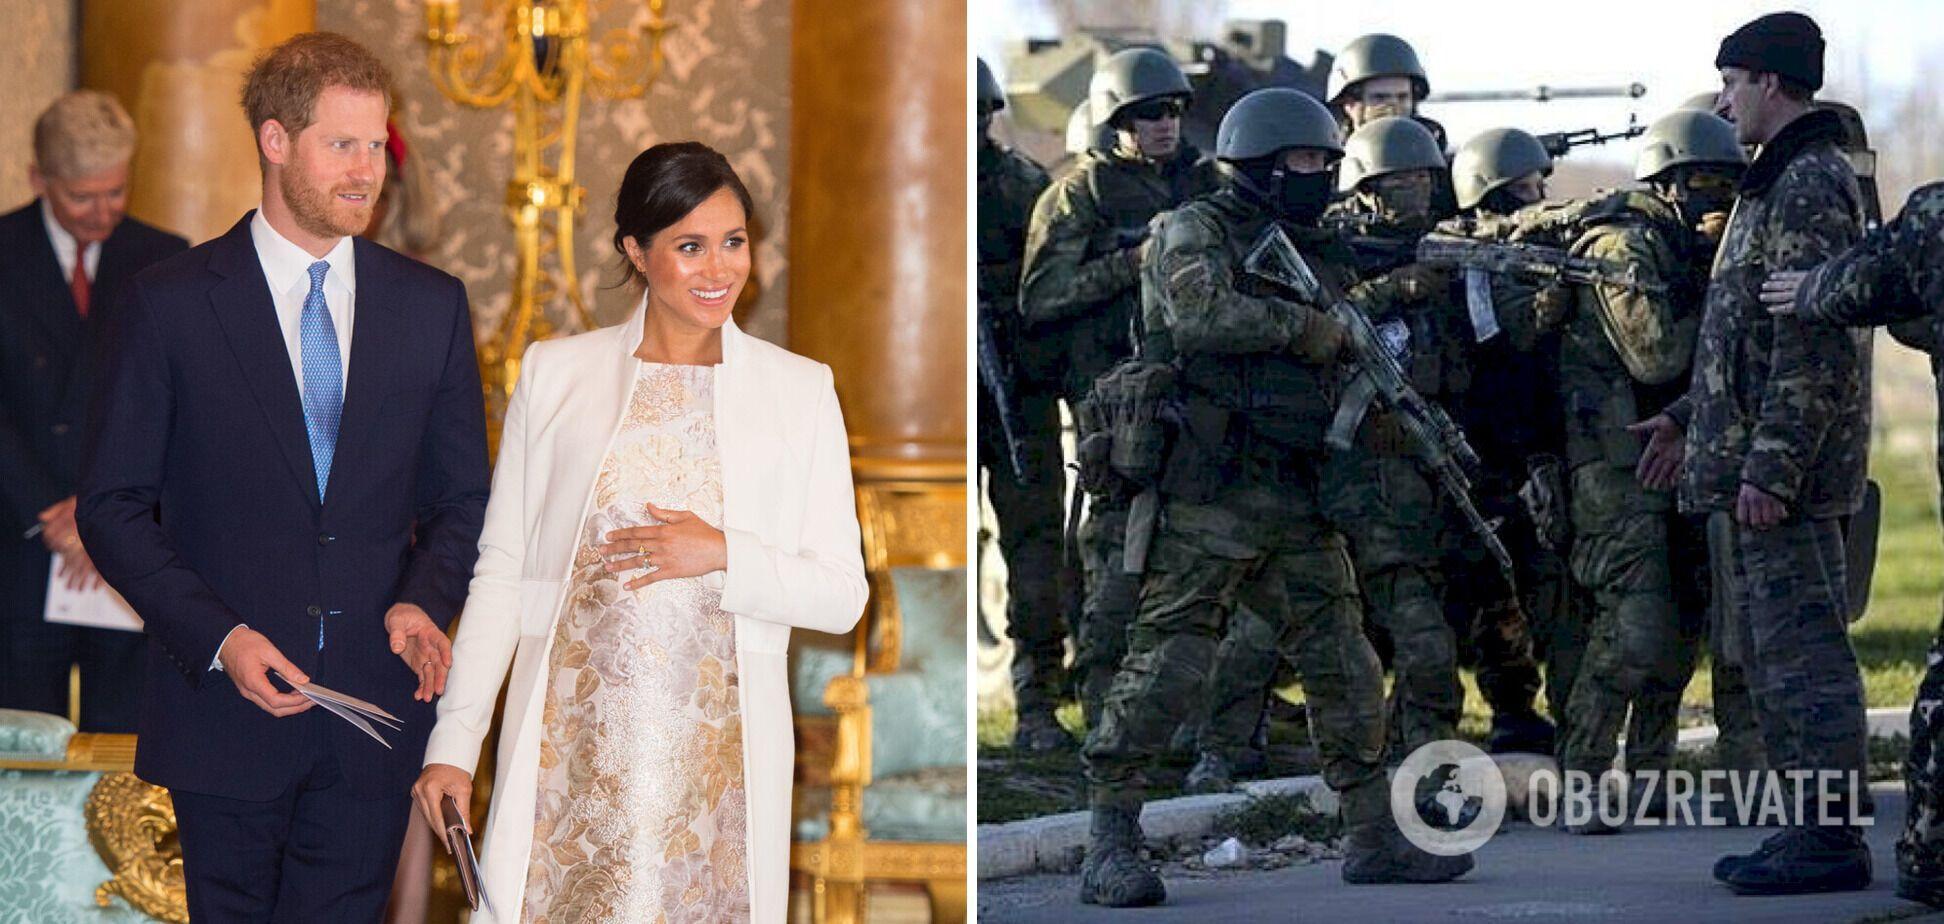 Світ, у котрому Меган Маркл виявилася важливішою від Криму